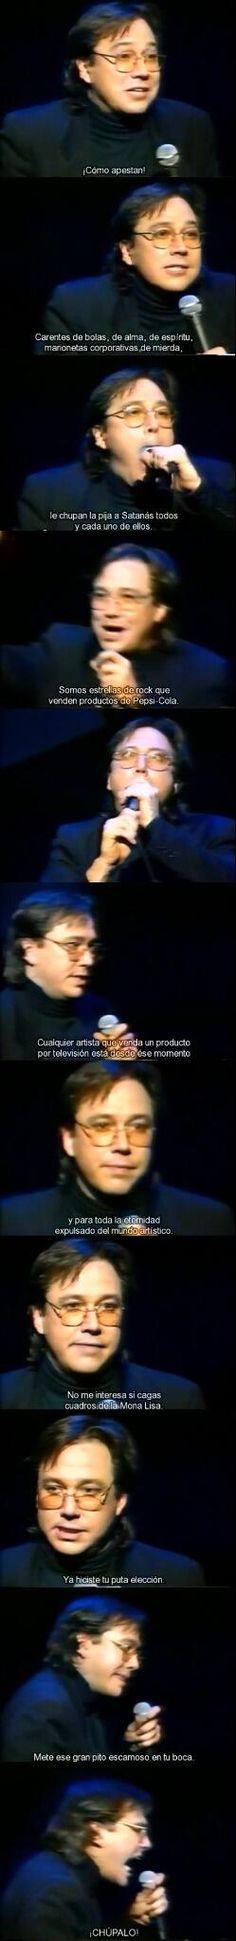 Bill Hicks sobre los artistas vendidos.